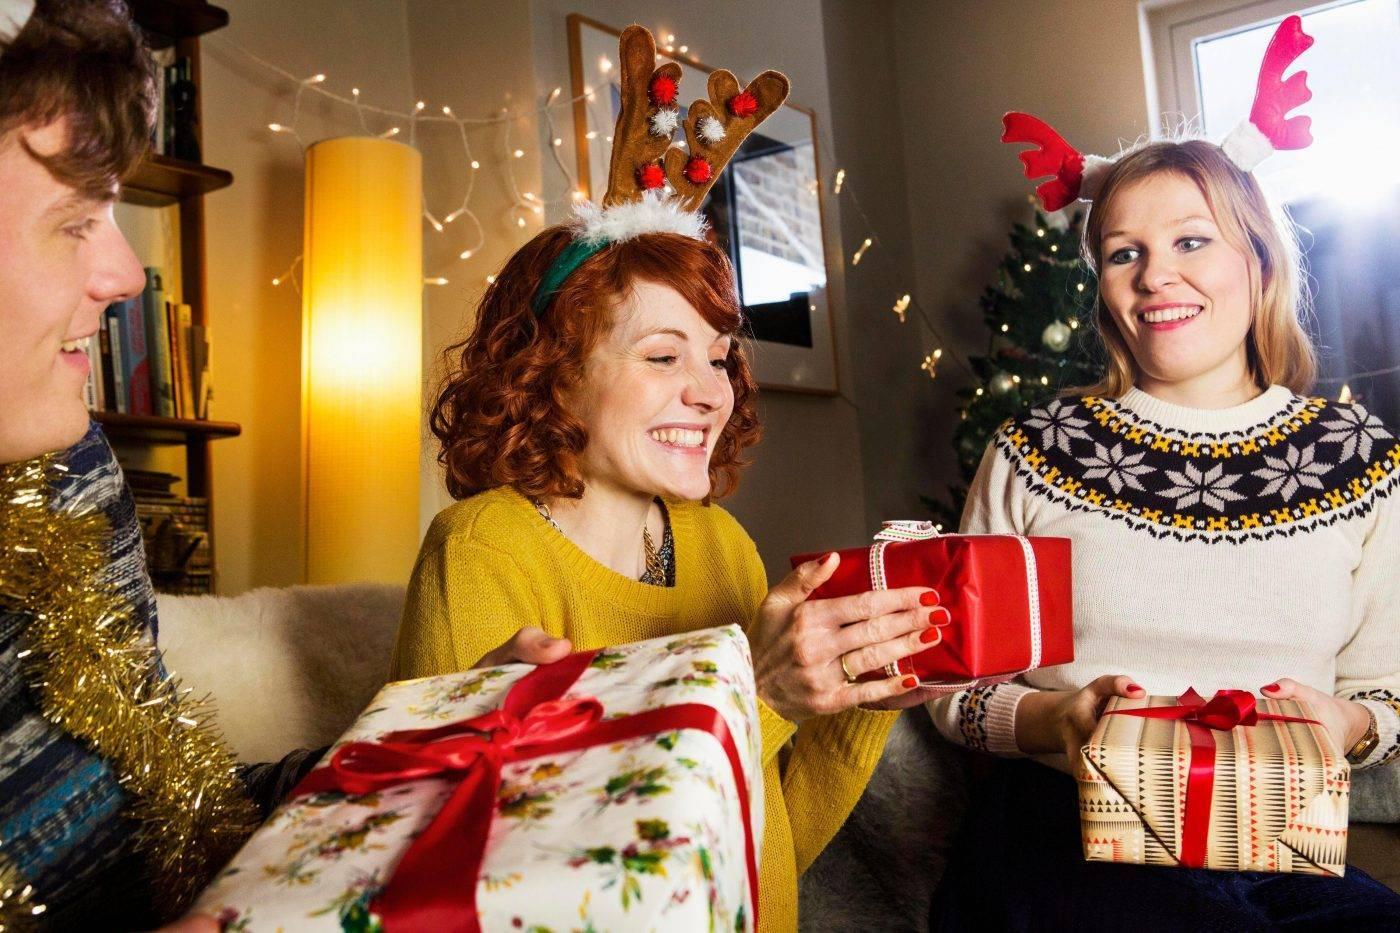 """Серпантин идей - сценарий домашней или дружеской вечеринки """"незабываемый новый год: воспоминаний – на год вперед!"""" // веселый сценарий новогодней вечеринки для праздника в кругу семьи или друзей"""